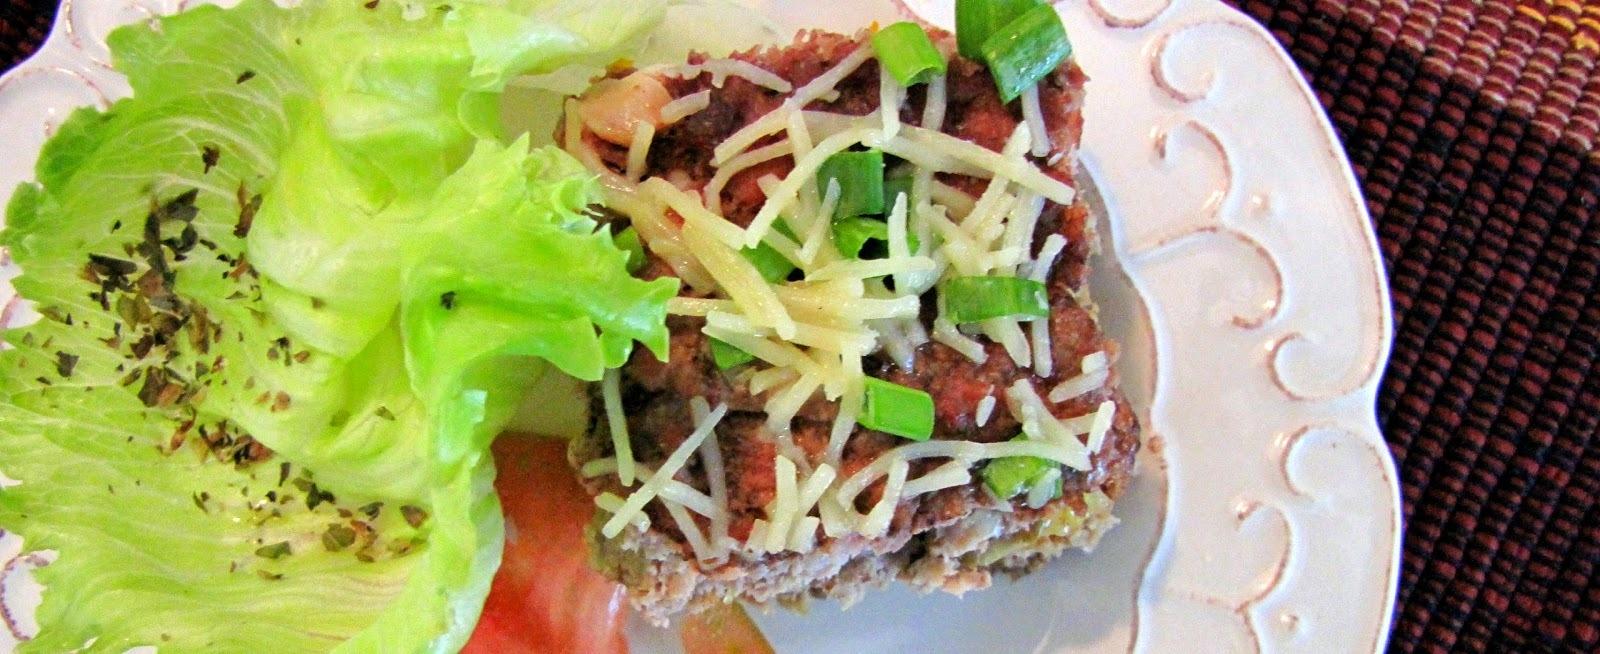 Bolo de Carne Recheado com Mix de Legumes